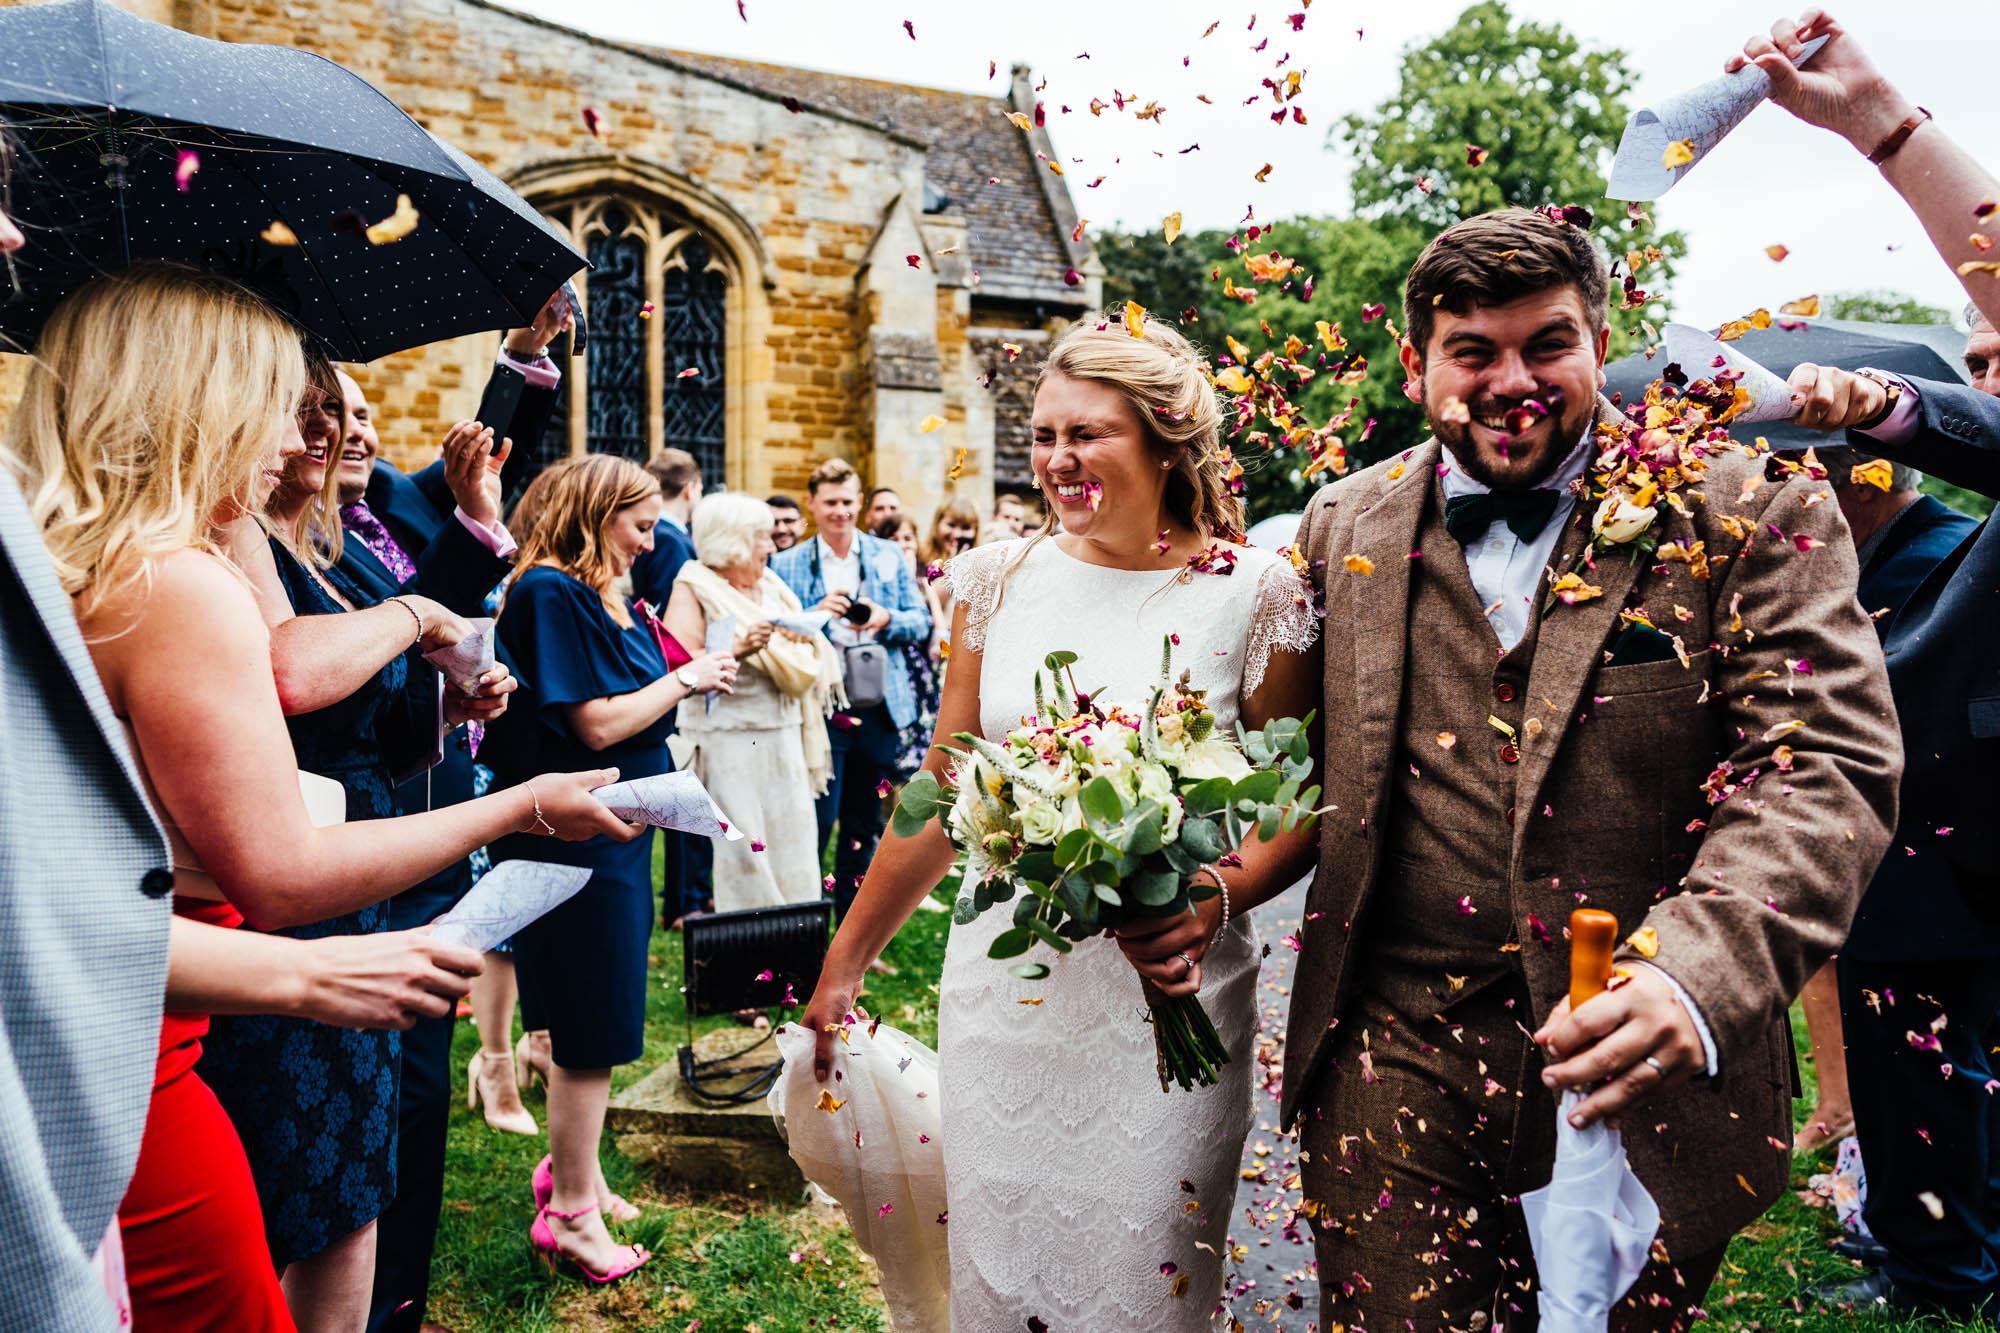 village-fete-wedding-29